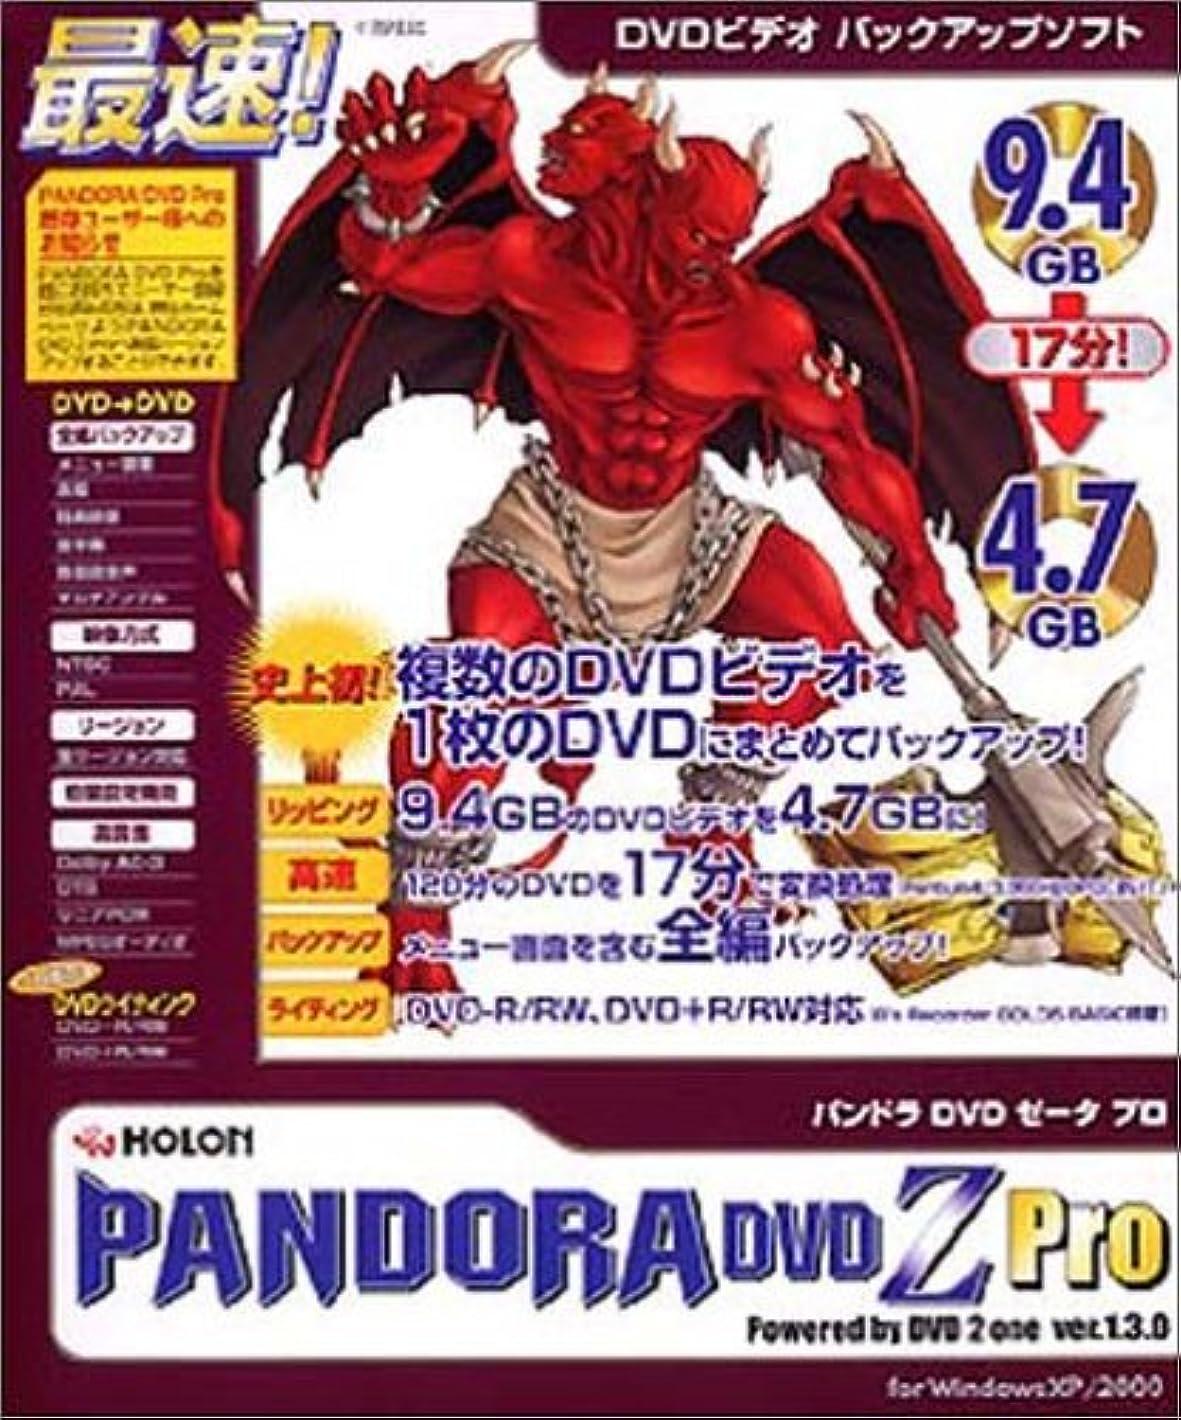 カップ木フルーツPandora DVD Z Pro